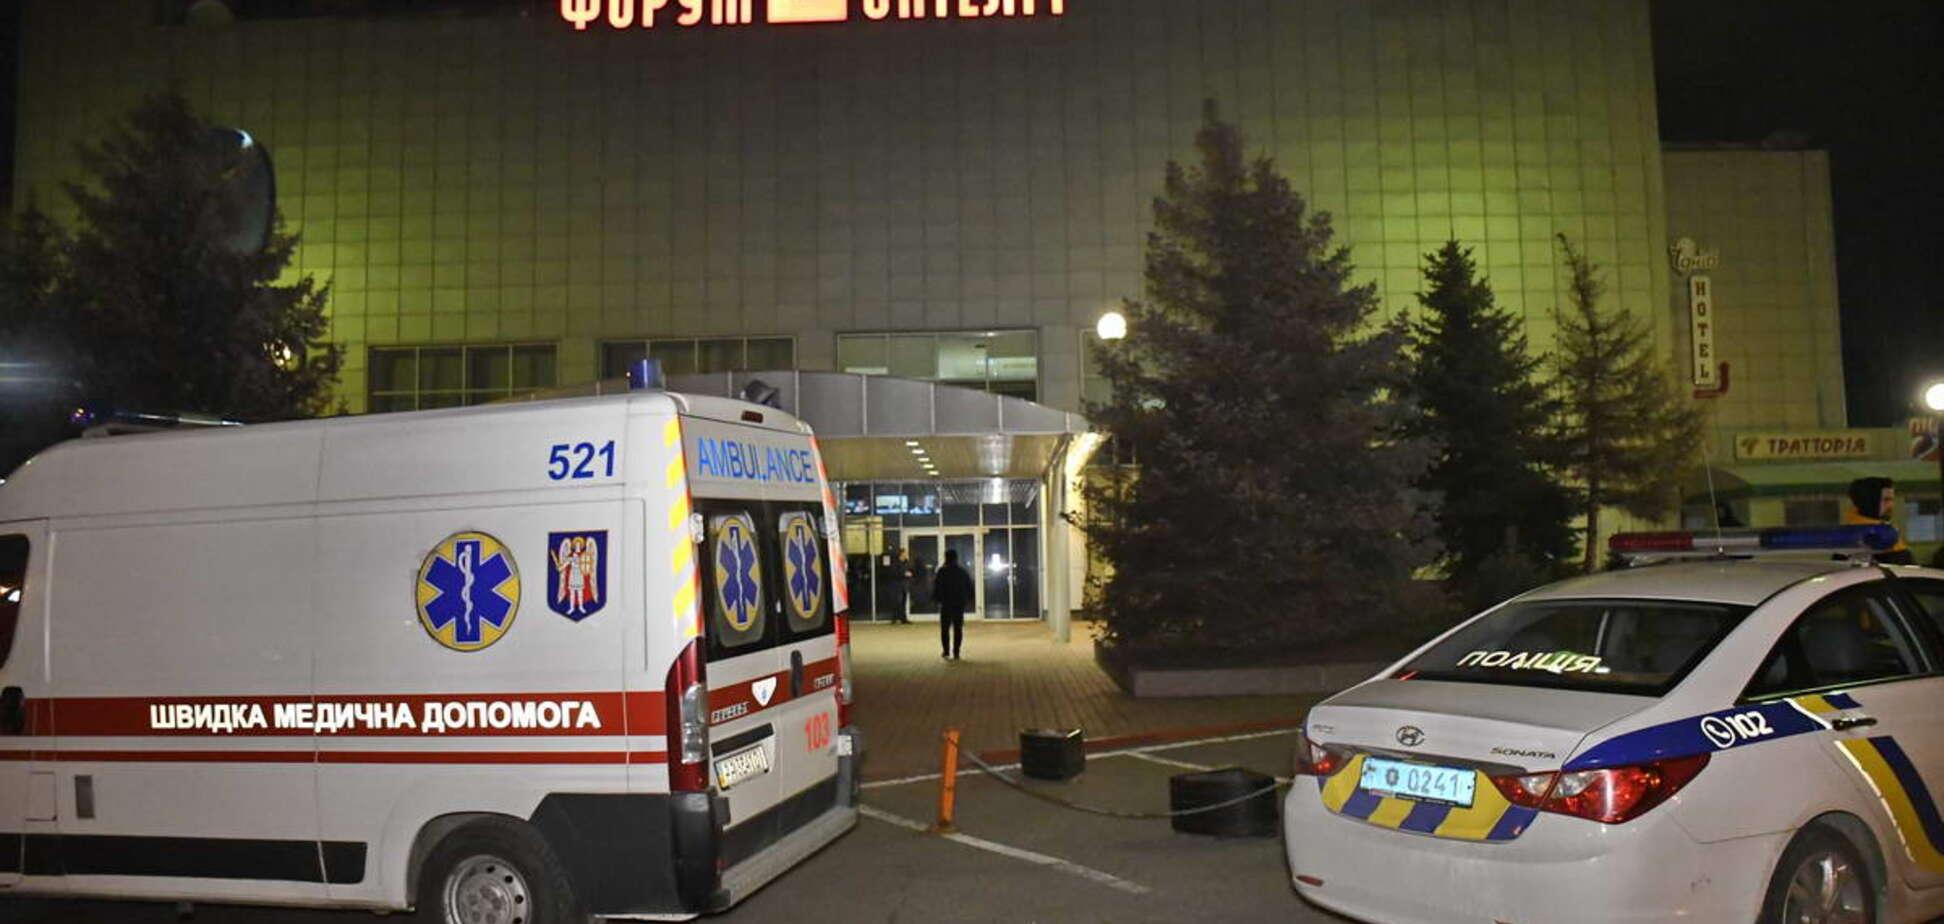 Напали без розмов: у Києві жорстоко побили продюсера телеканалу